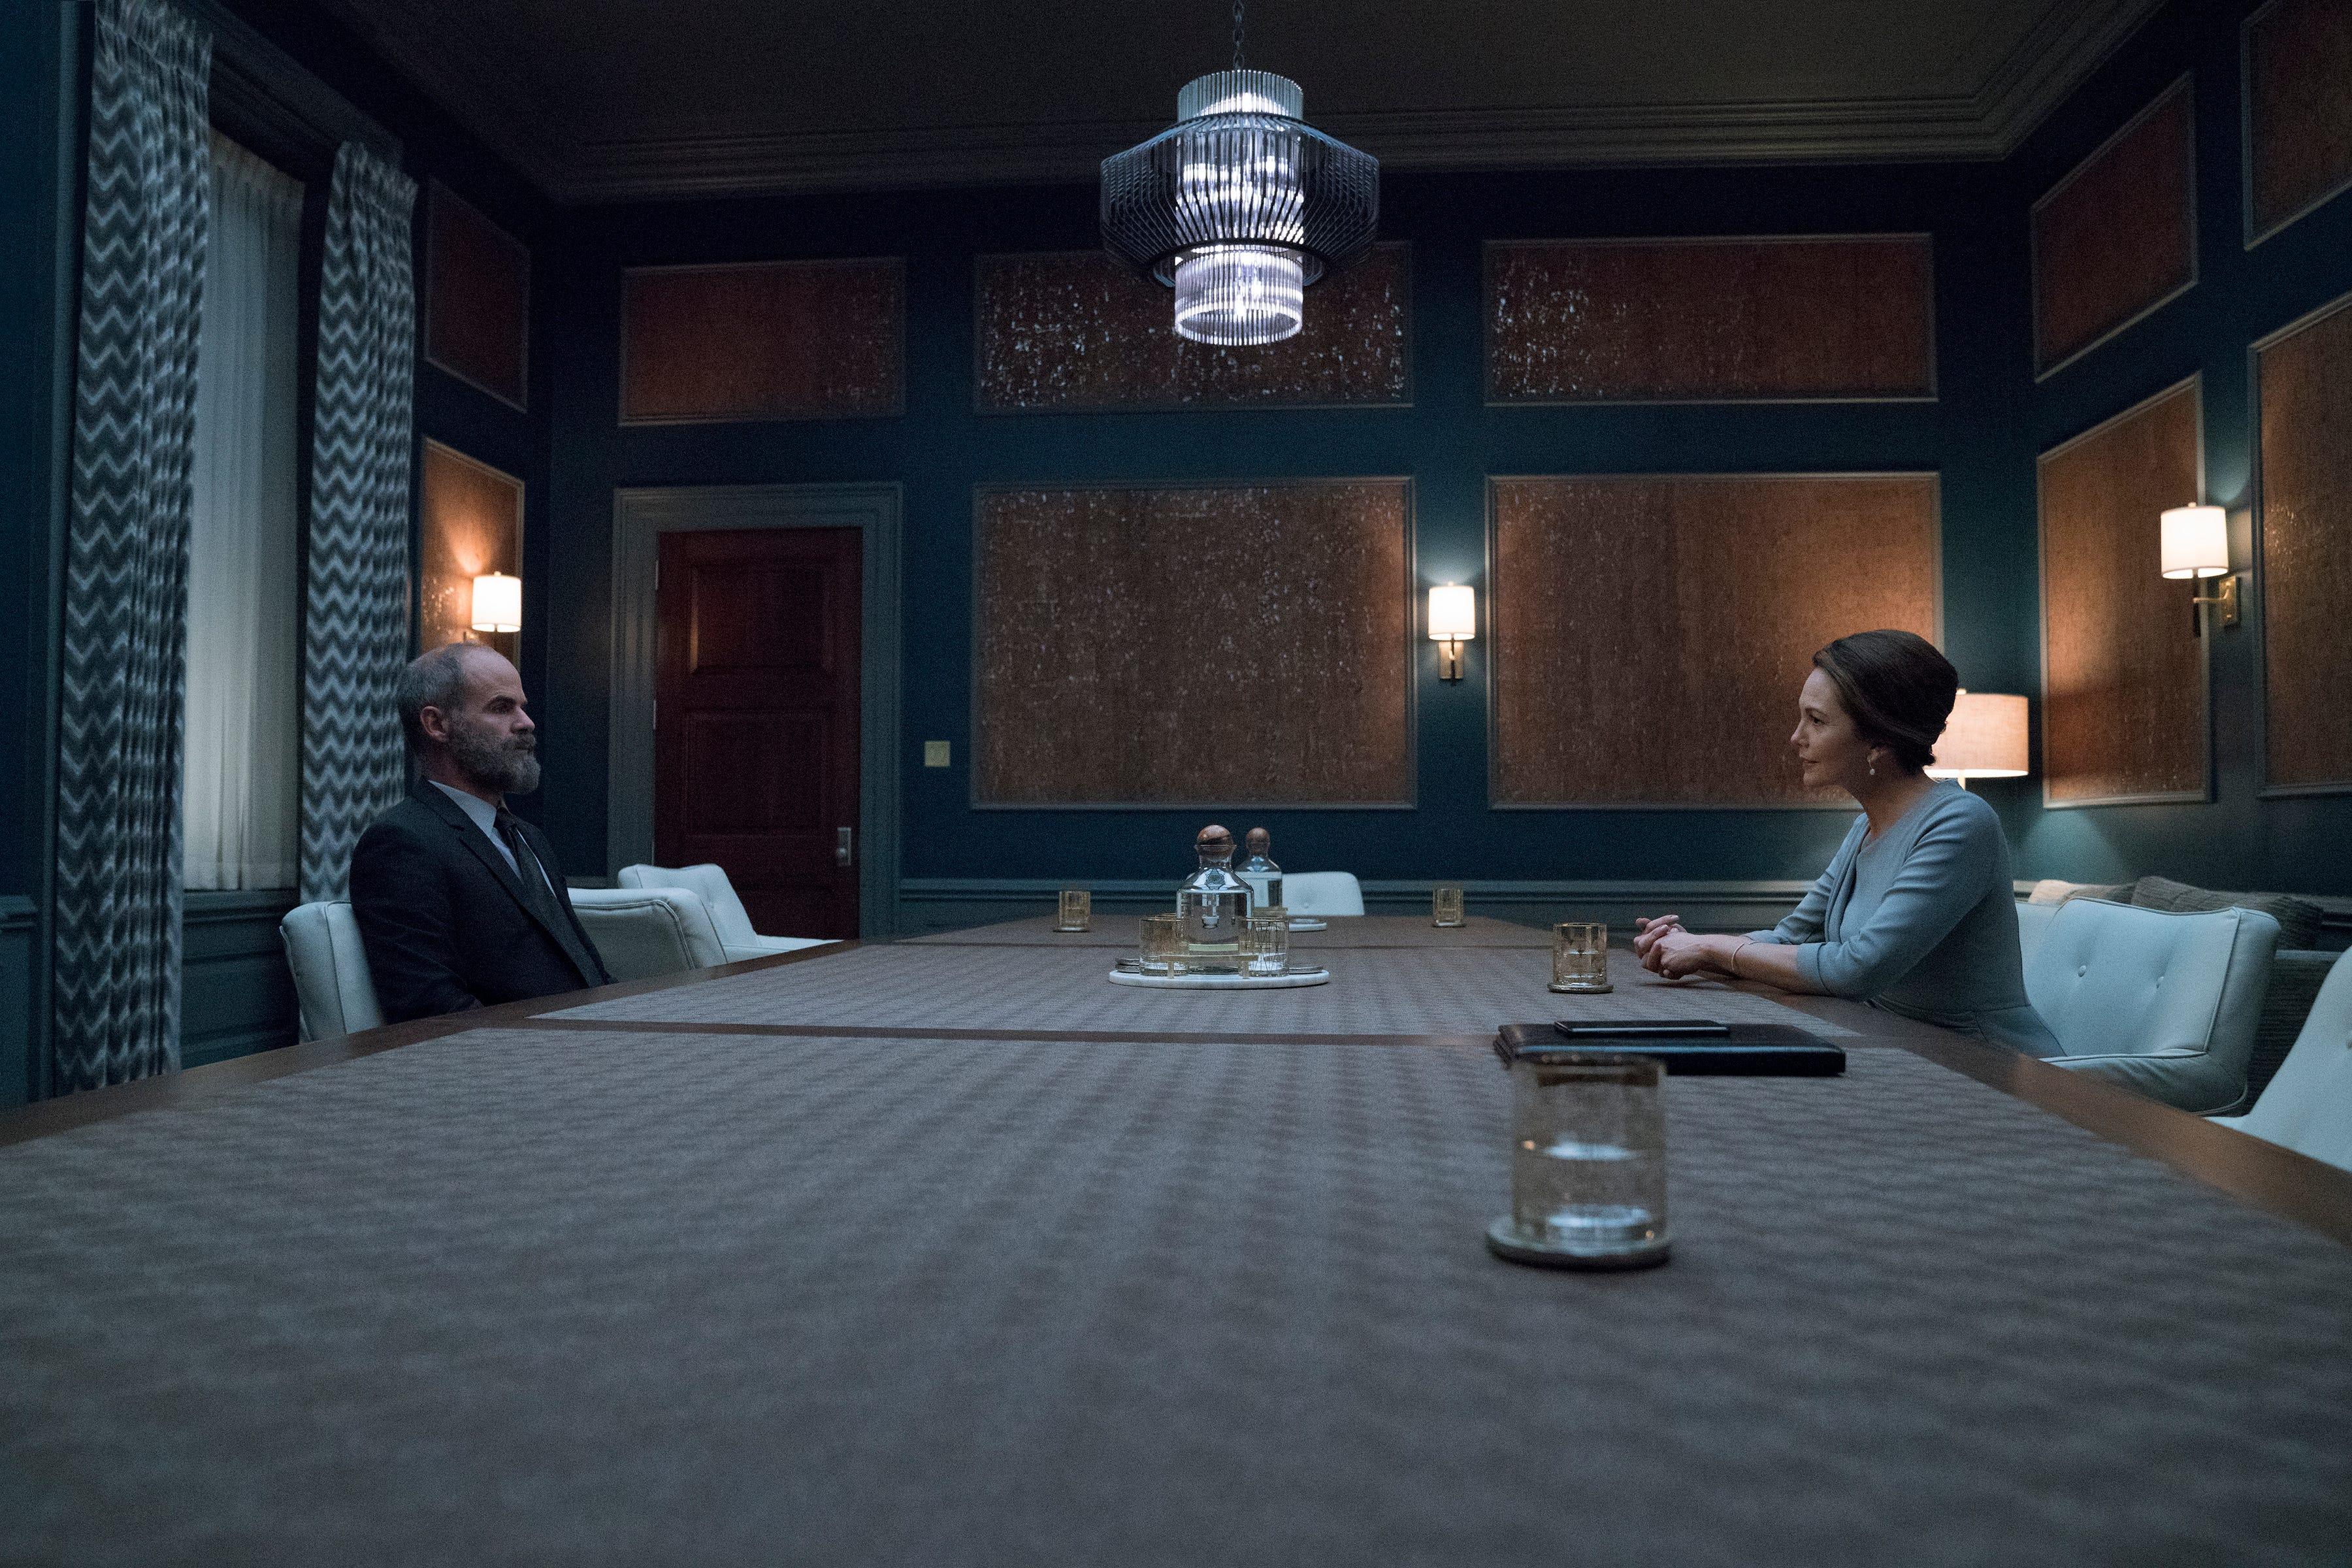 House Of Cards Recap Season 6 Episode 1-10 Guide